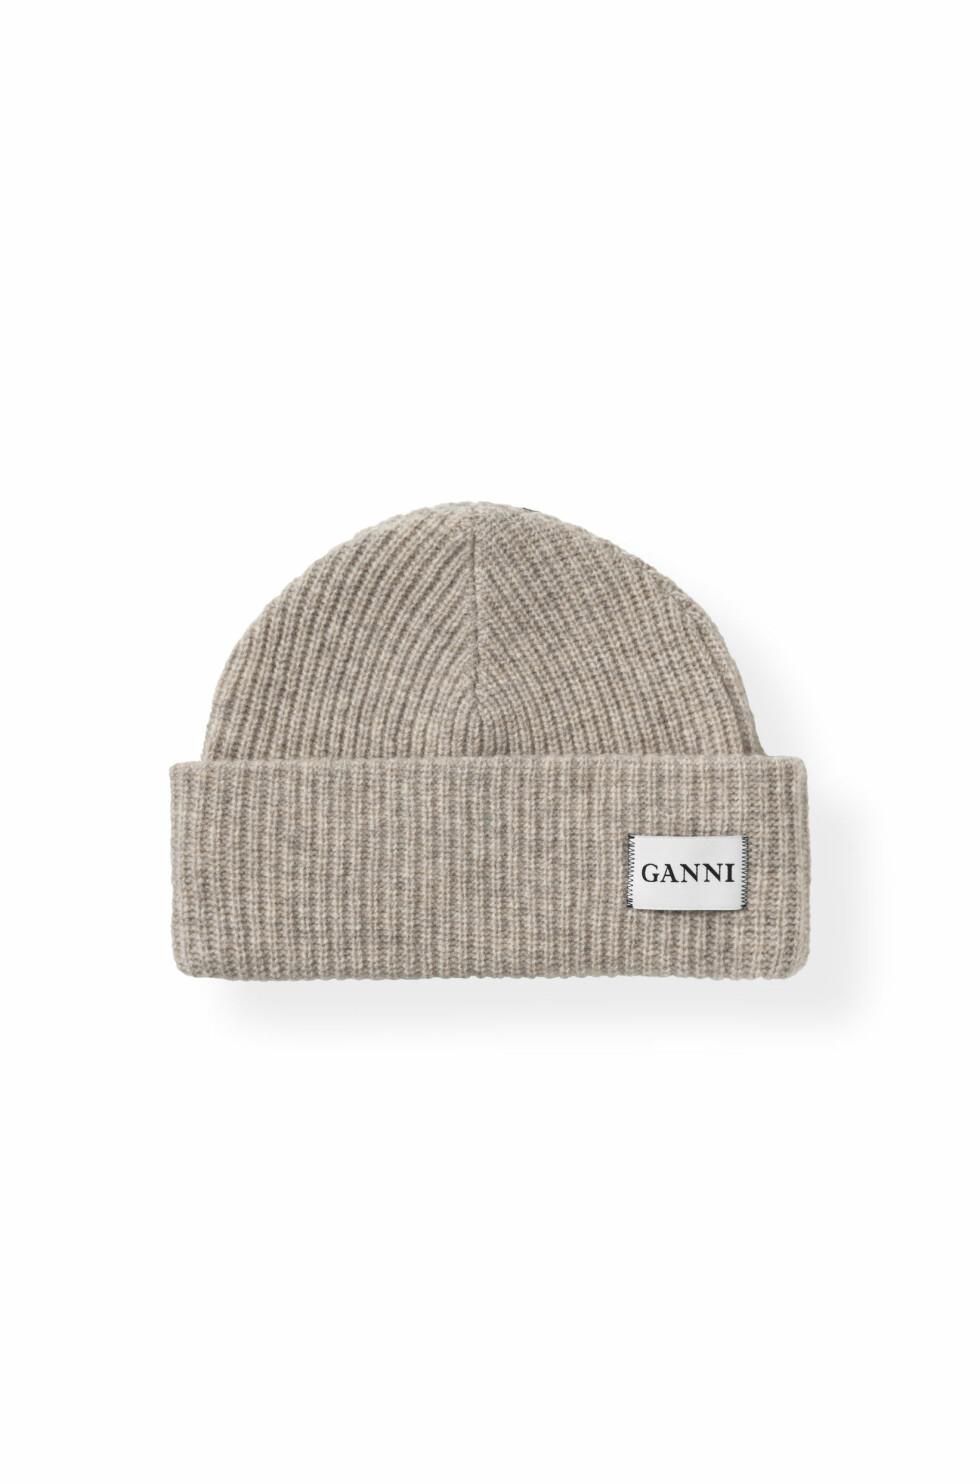 Ganni, kr 800